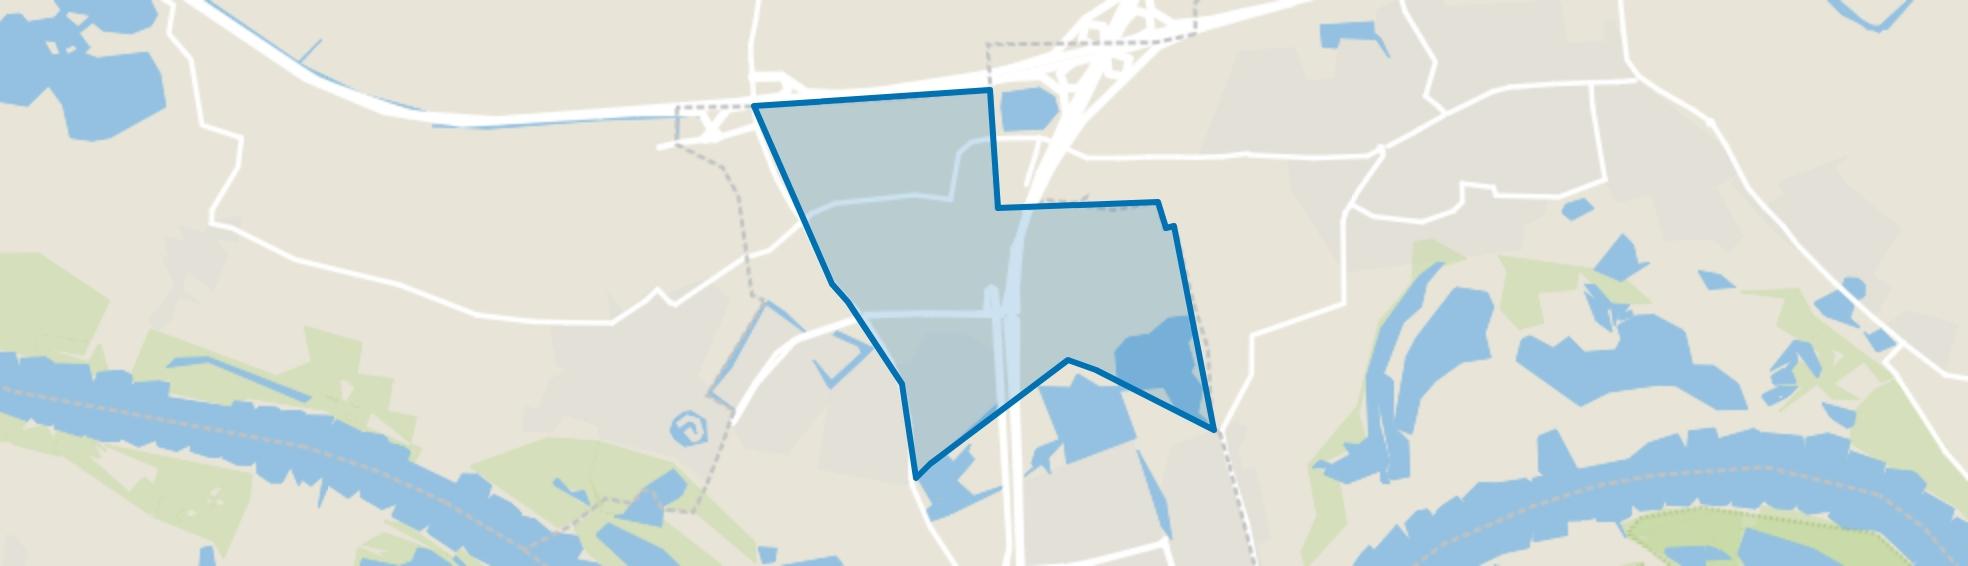 Ressen, Nijmegen map